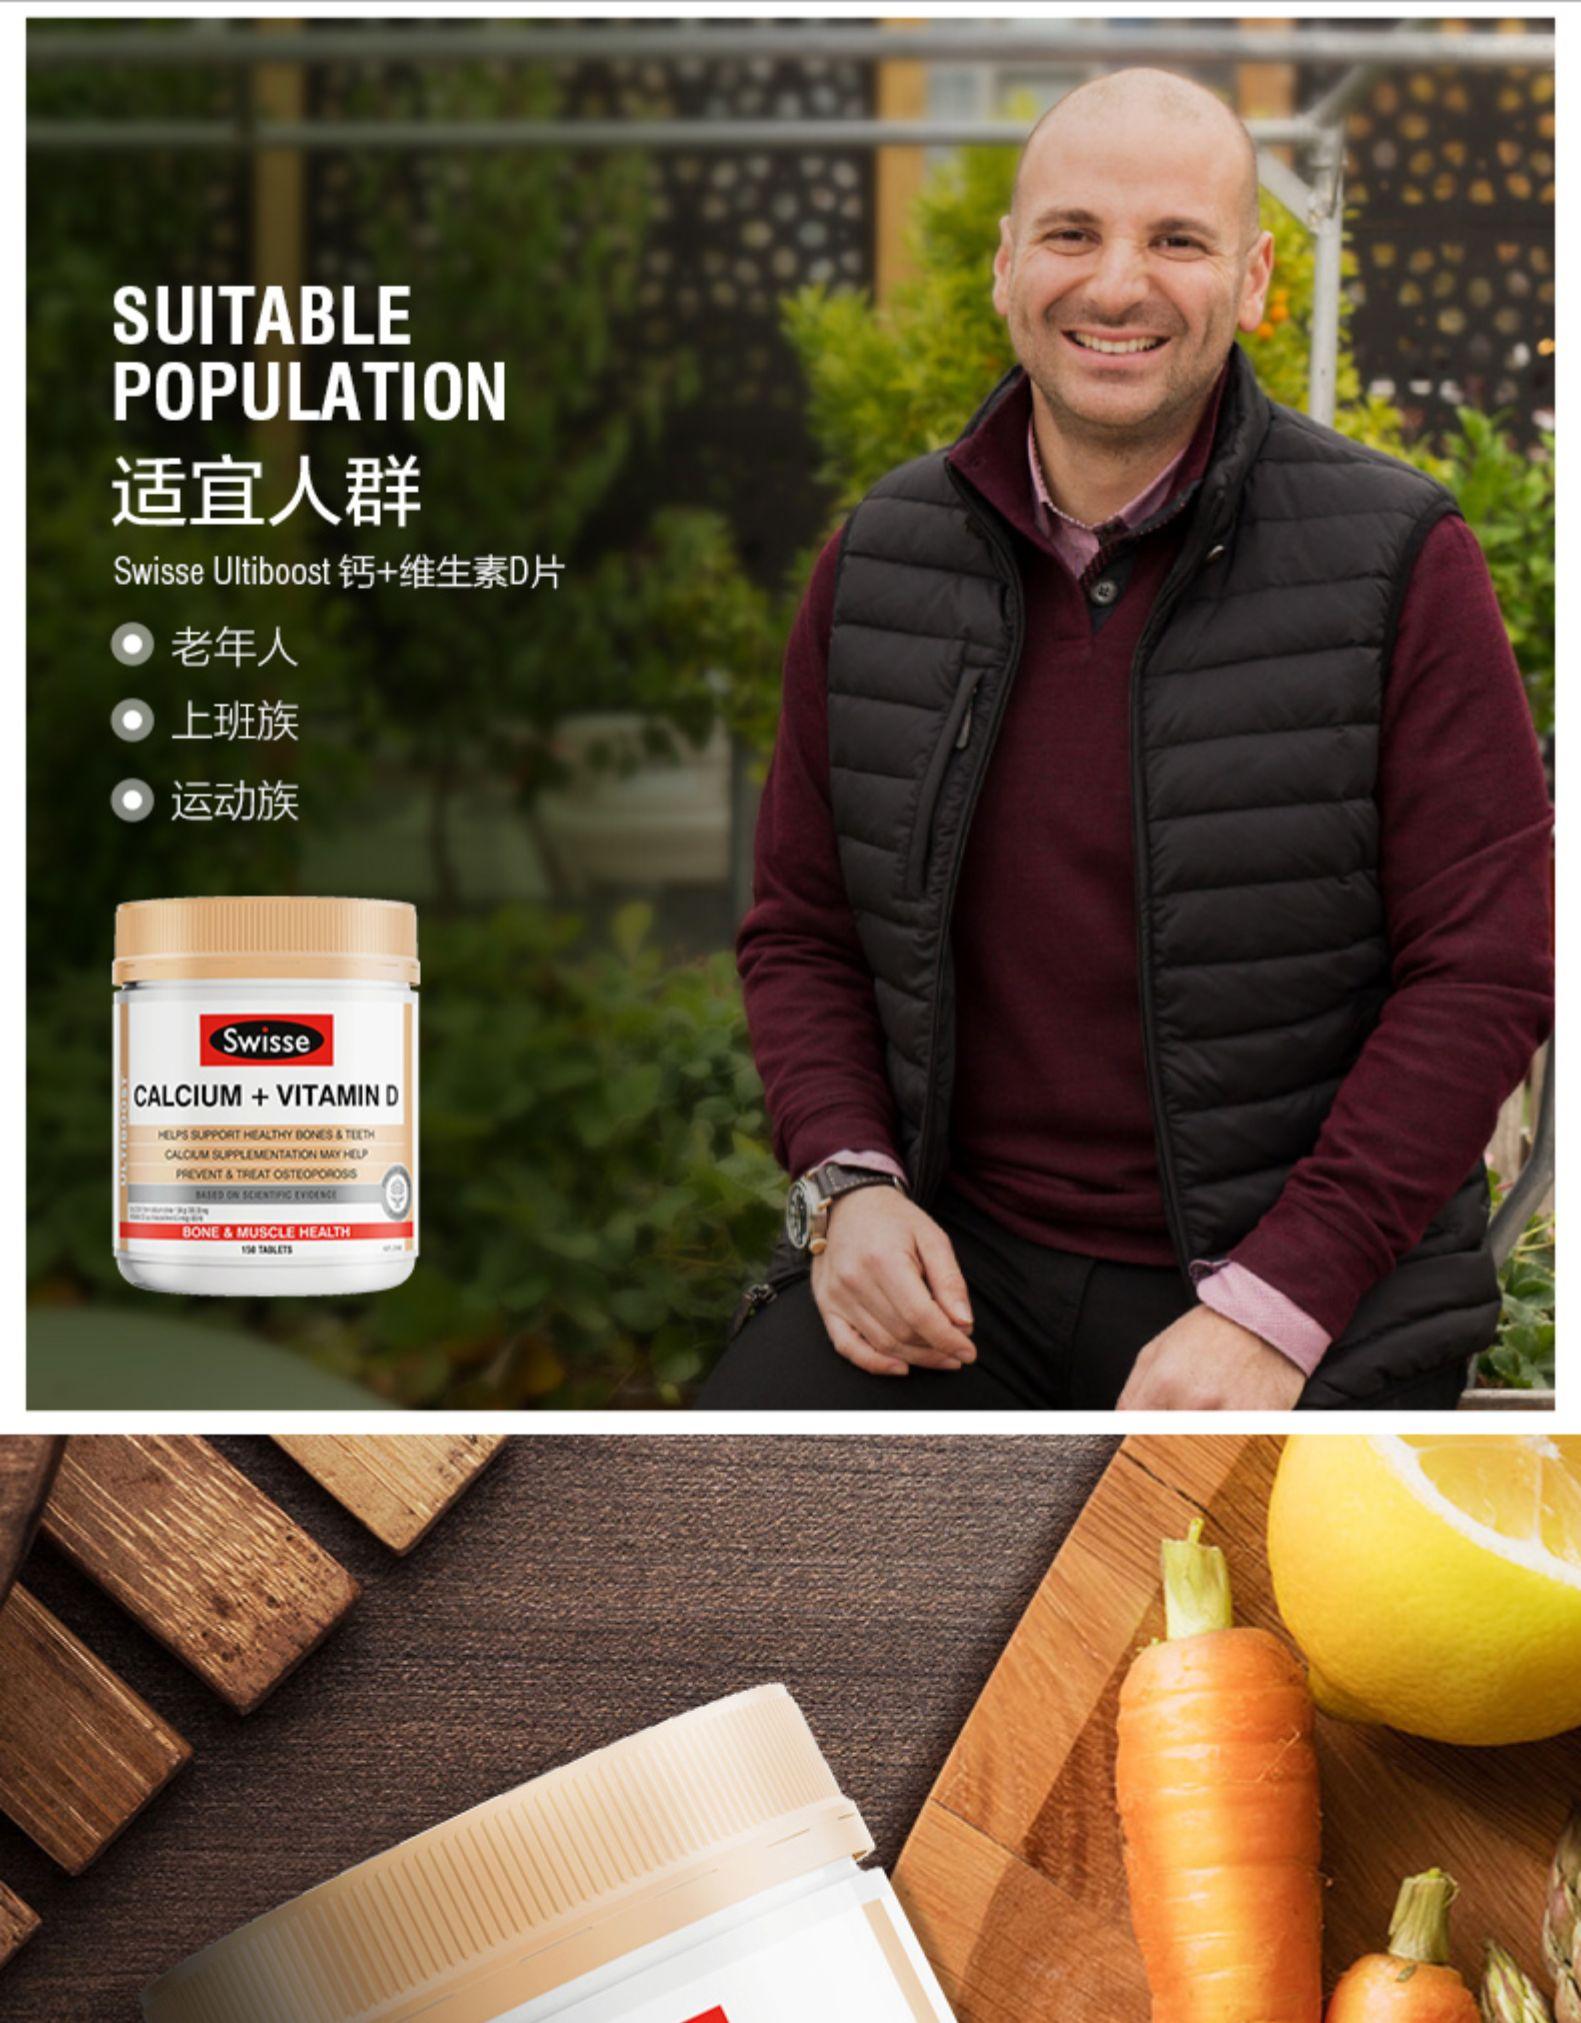 澳洲进口swisse钙片+维生素D柠檬酸150片 孕妇中老年人补钙¥143.00 我们的产品 第10张